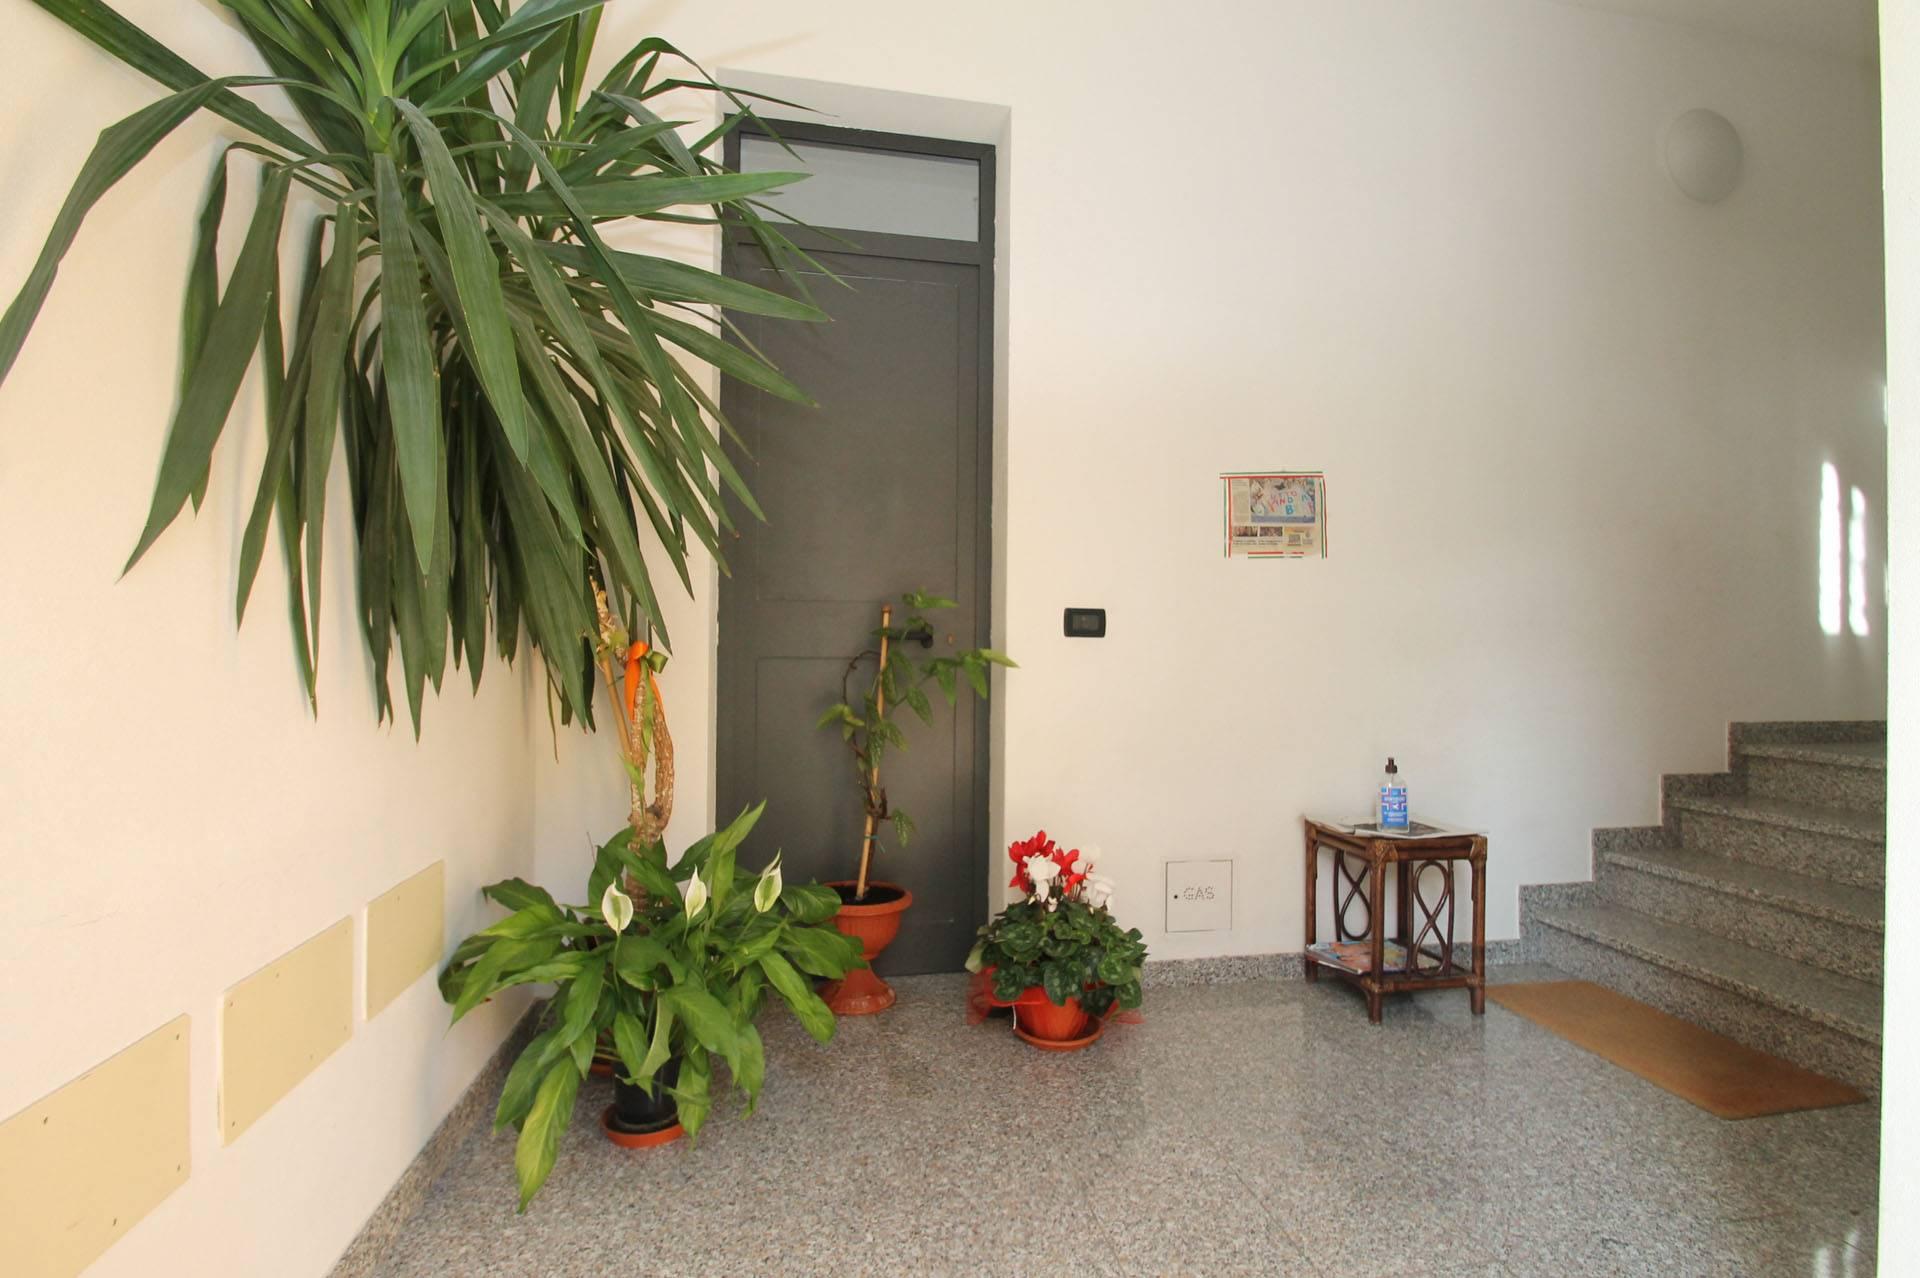 R44-ingresso condominio